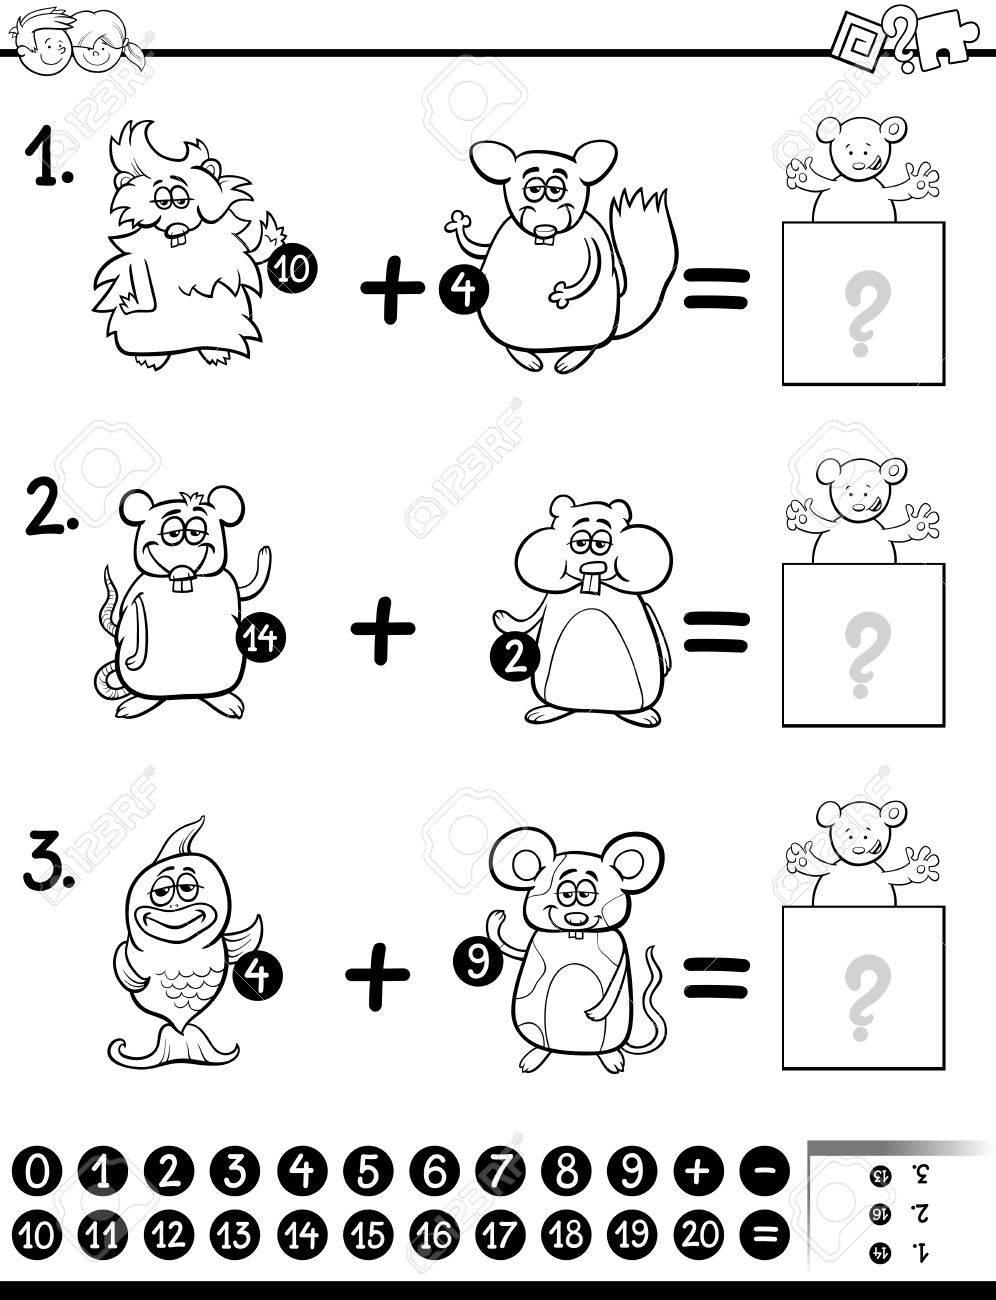 Ilustracion De Dibujos Animados En Blanco Y Negro Del Juego De